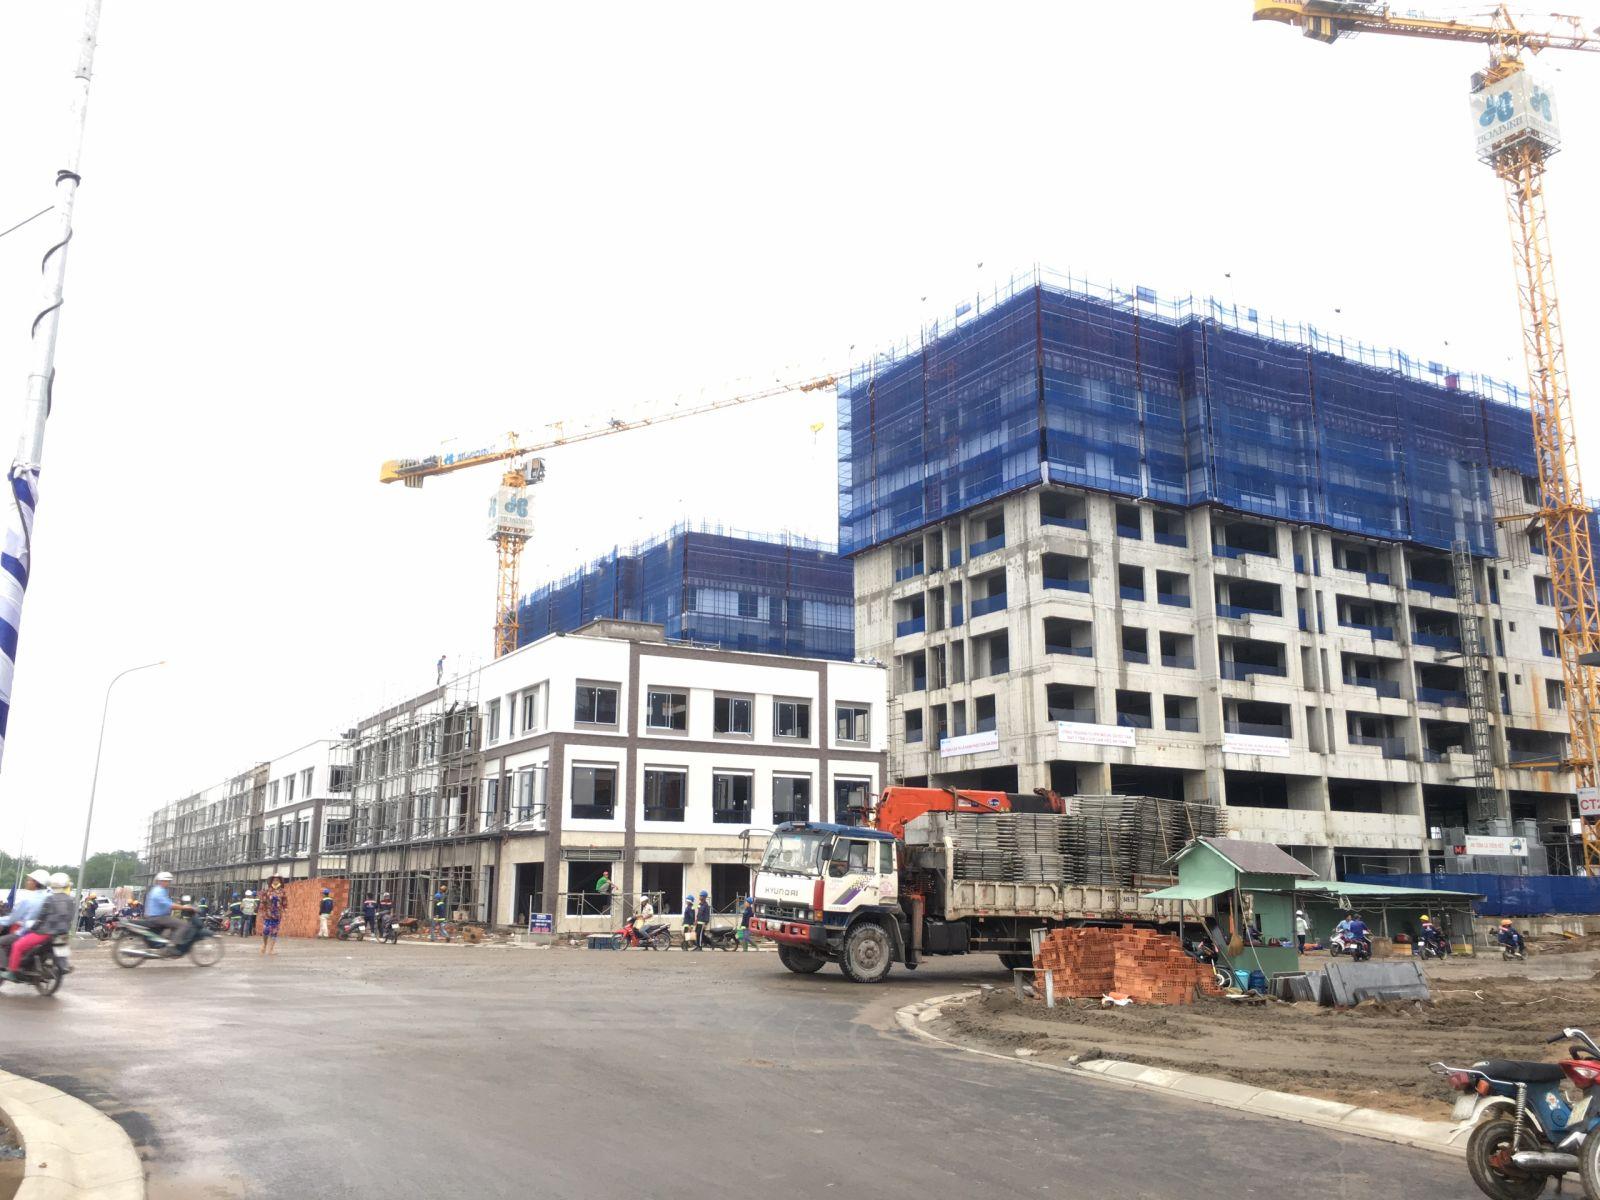 Đơn vị xây dựng Hòa Bình đang tích cực thi công dự án Flora Mizuki - Nam Long Bình Chánh.